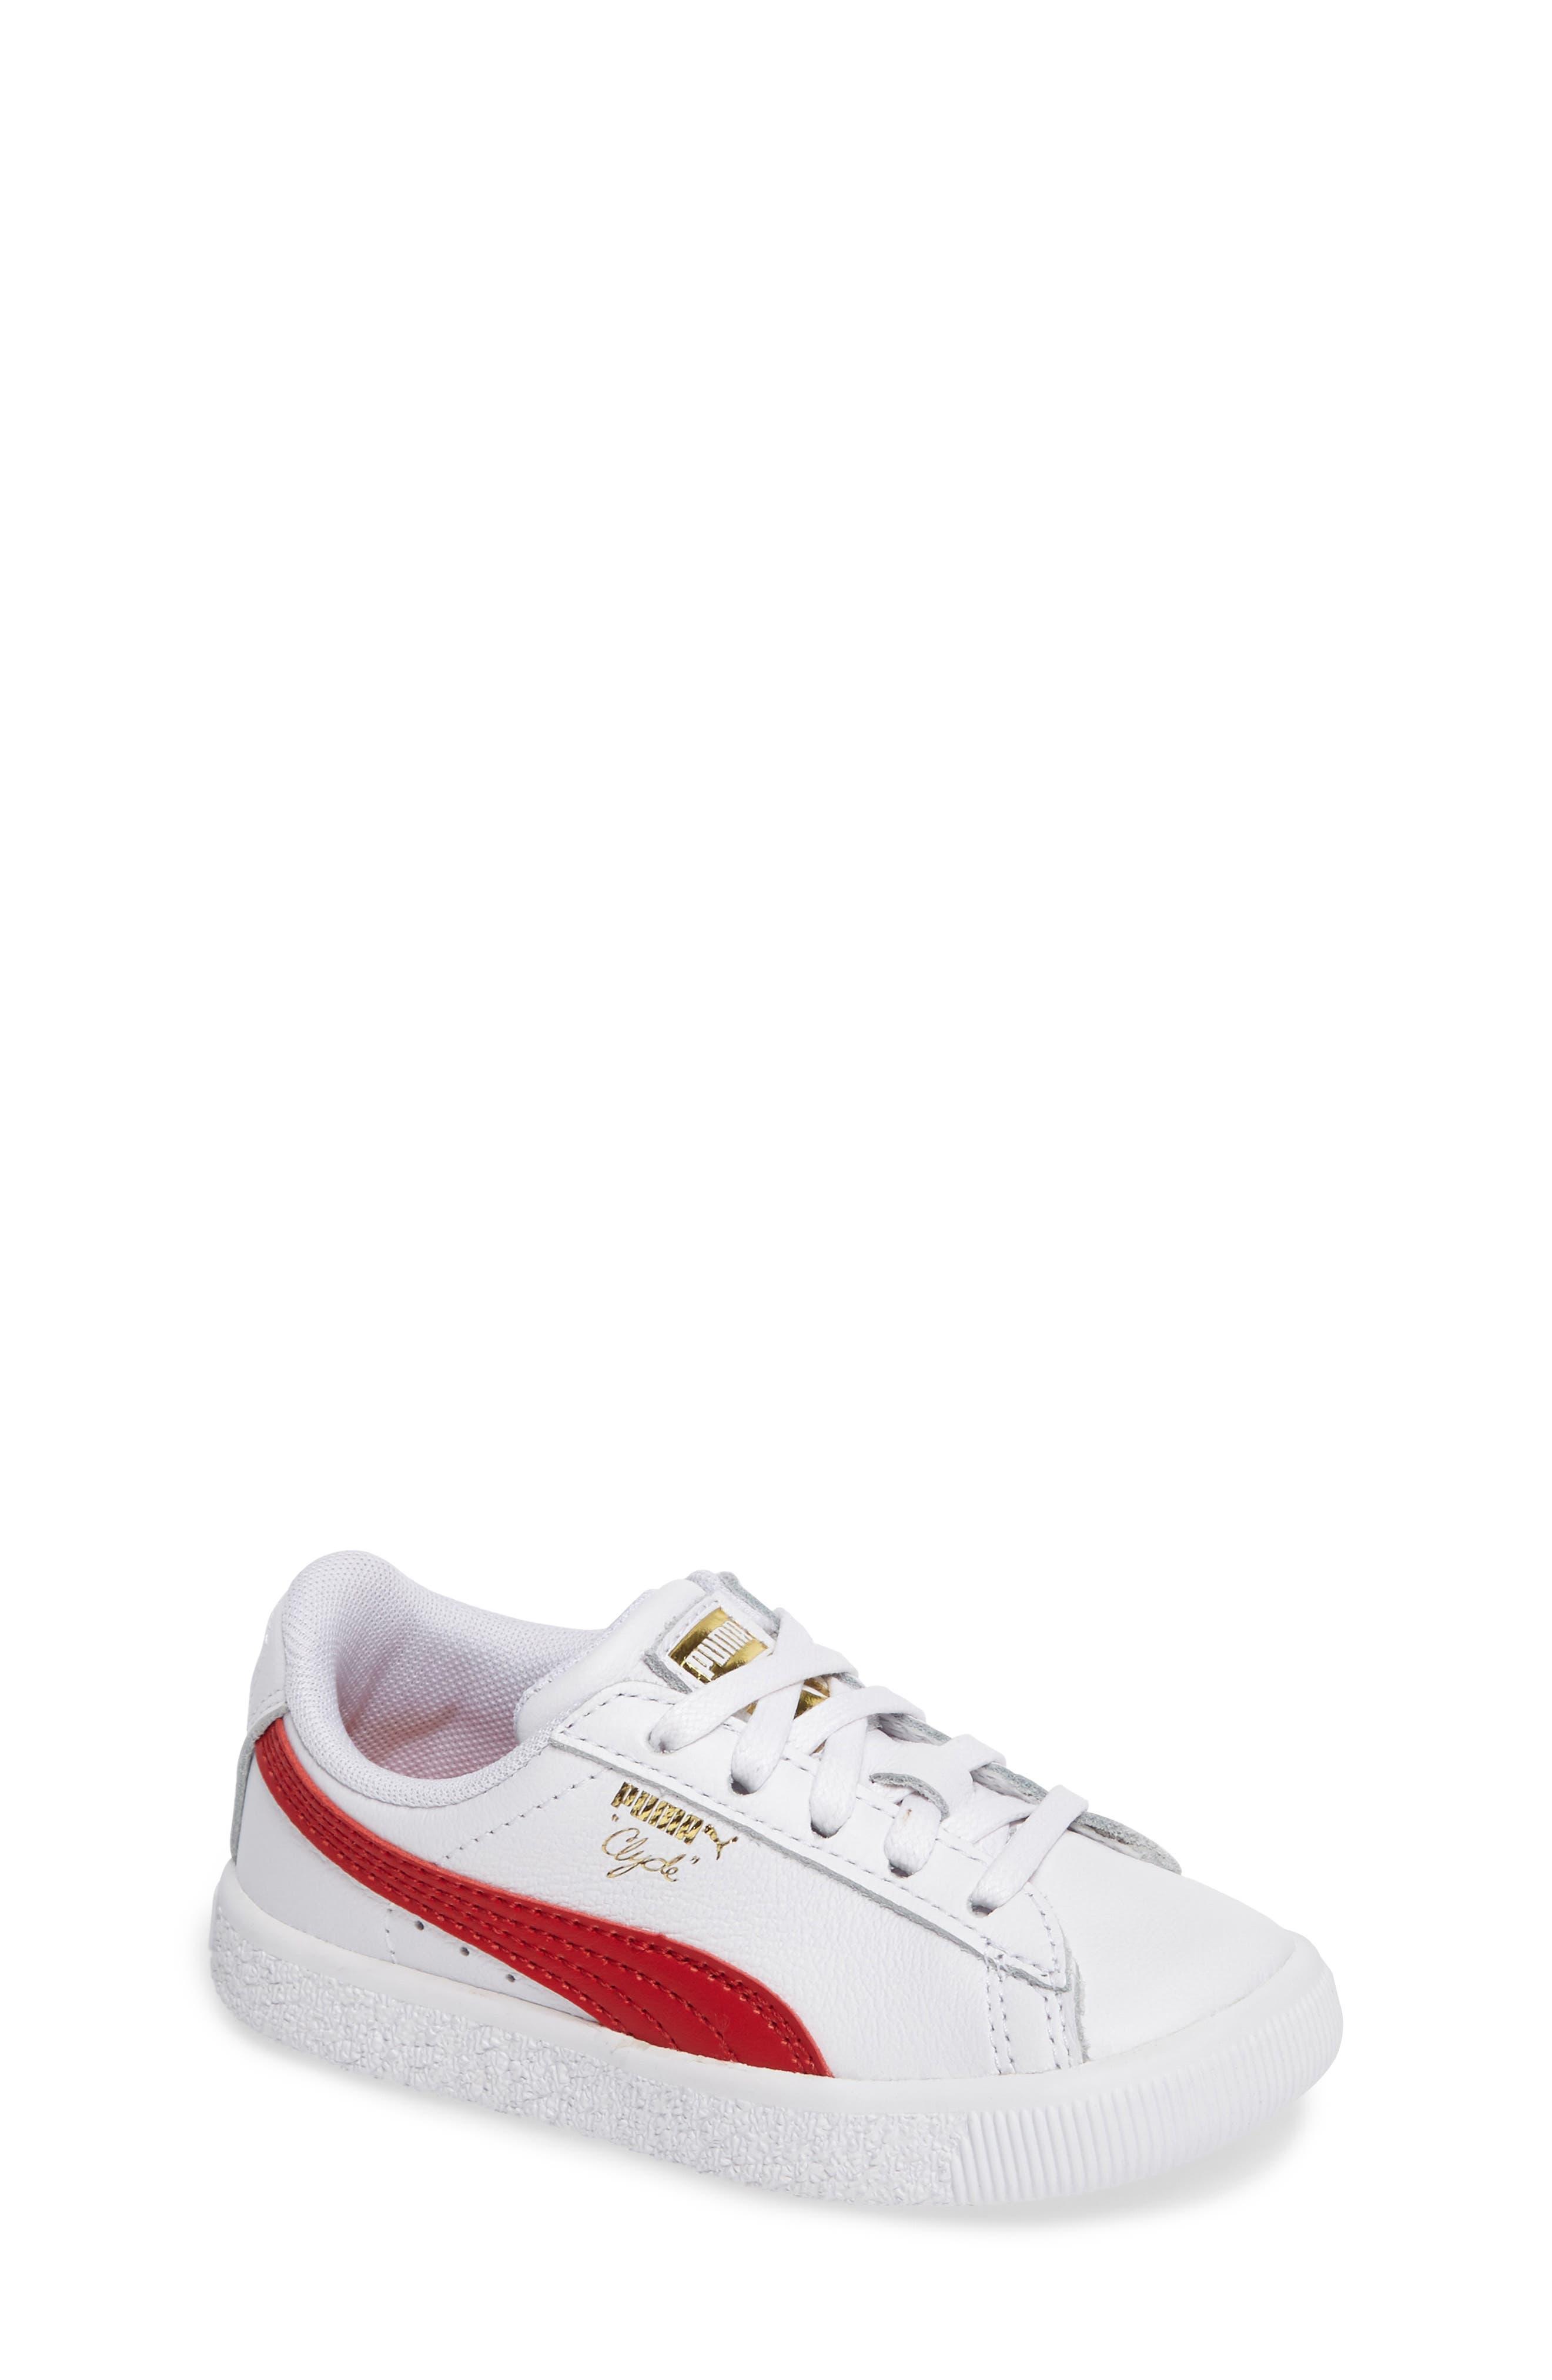 Clyde Core Foil Sneaker,                             Main thumbnail 5, color,